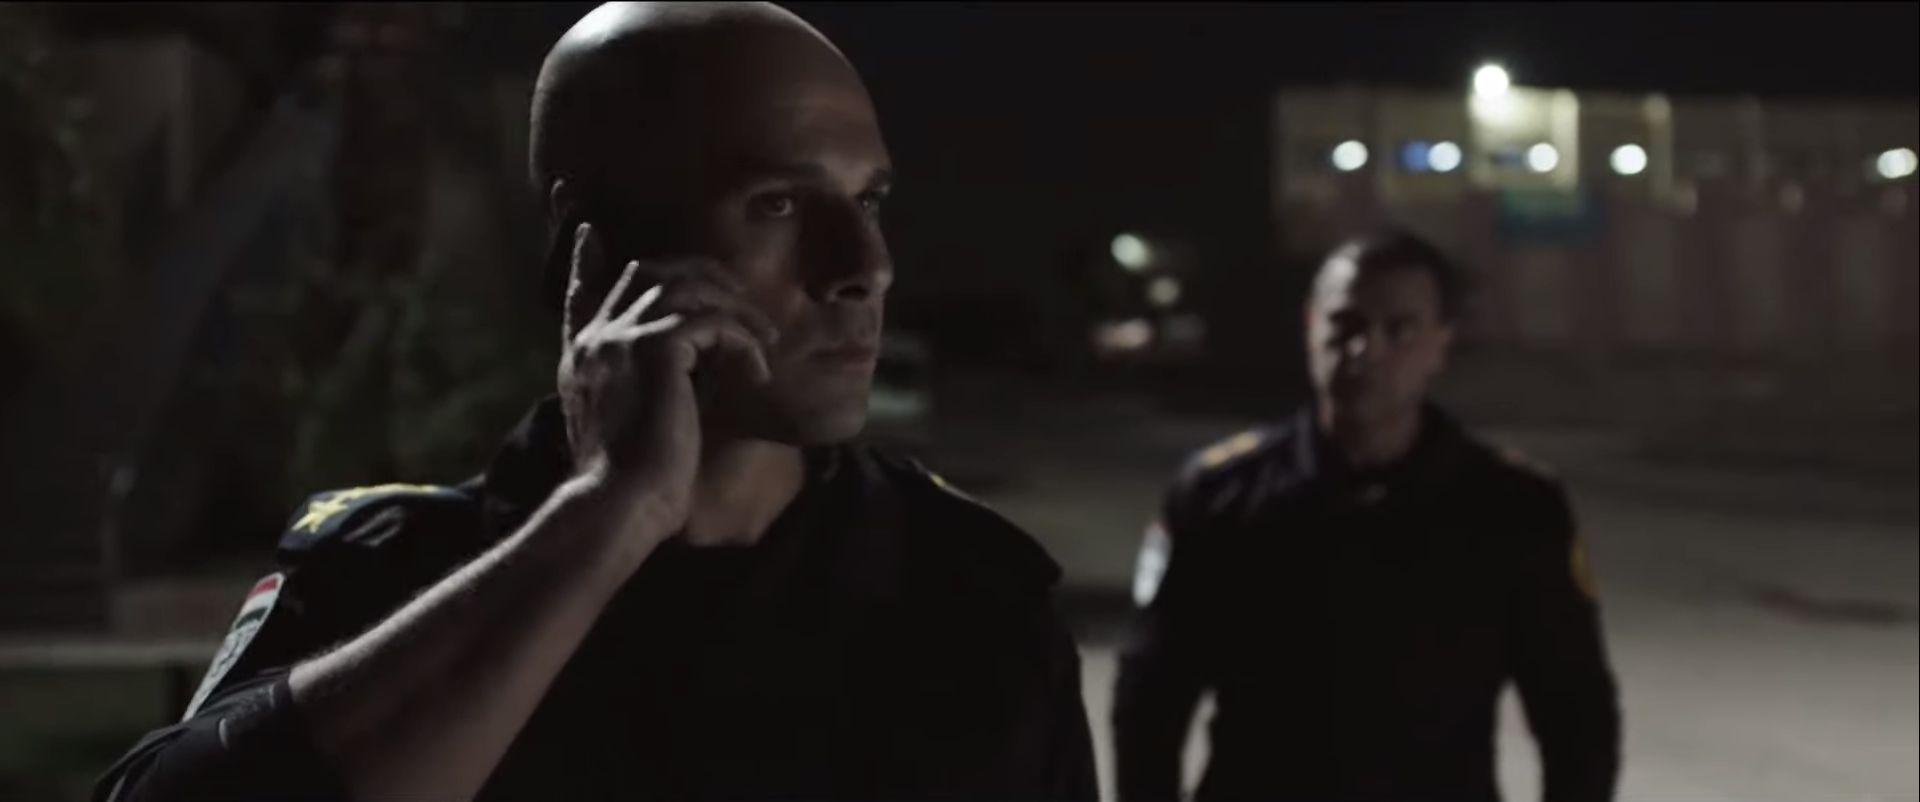 598985-الضباط-الخائنين